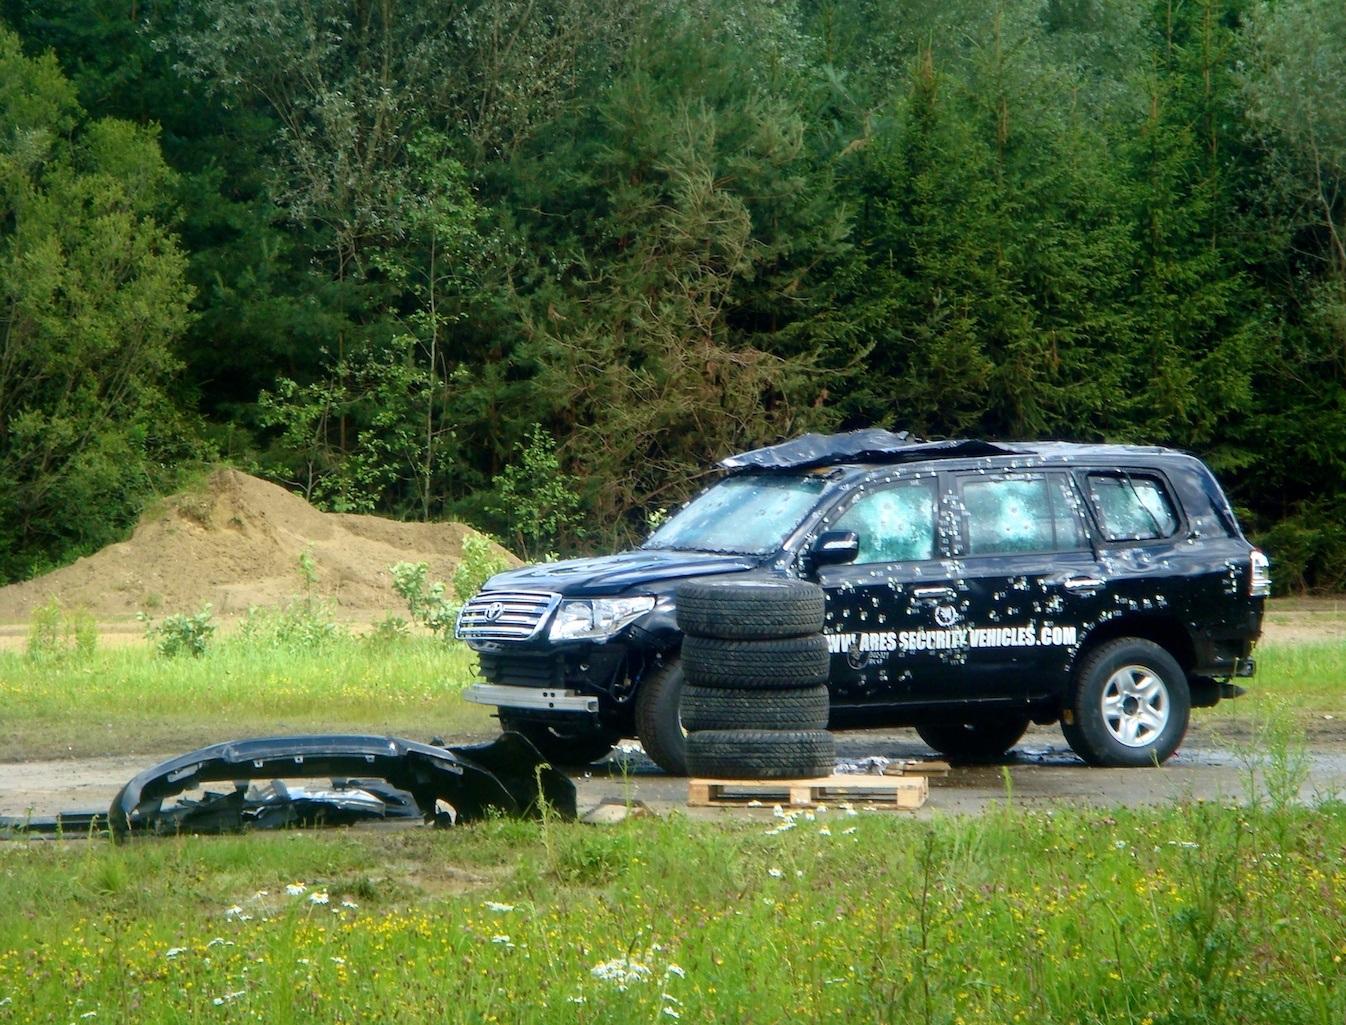 خودروی محافظت از شخصیت ها اینگونه تست می شود (تصاویر و فیلم)